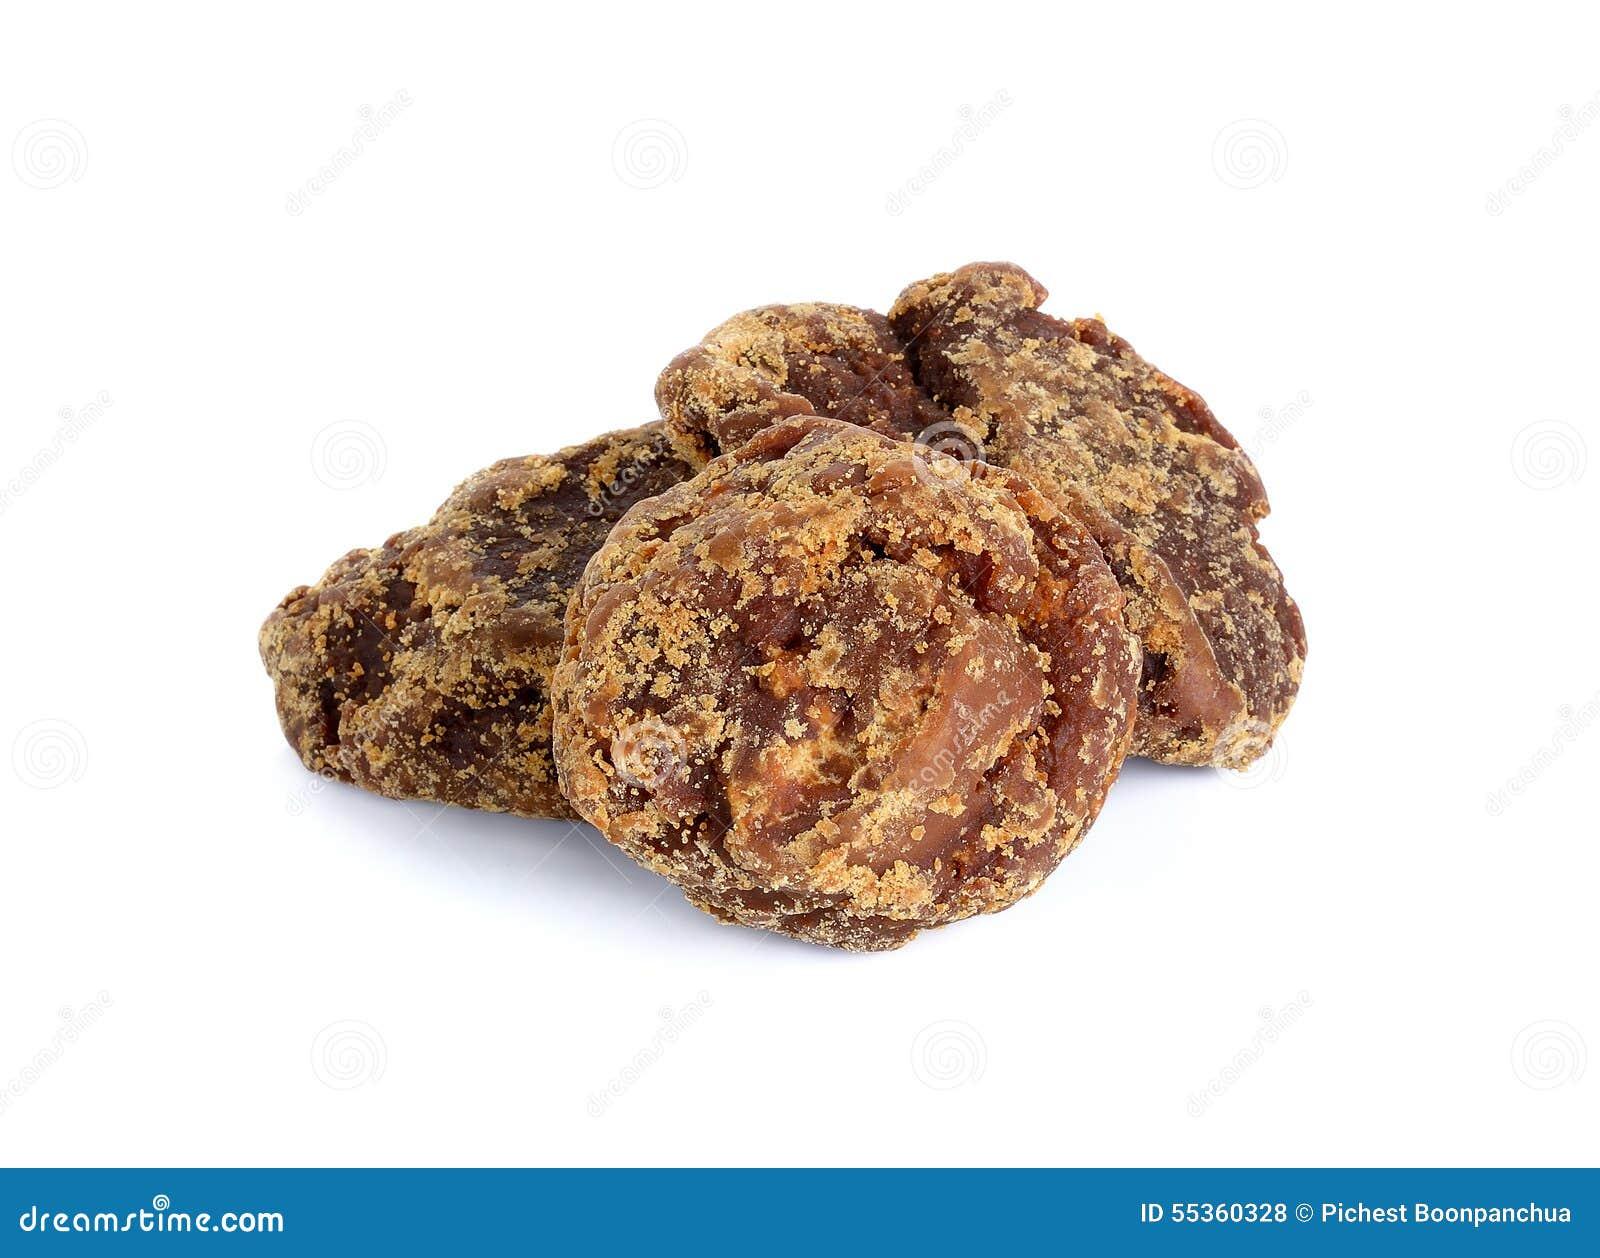 Zucchero di canna marrone organico isolato su fondo bianco